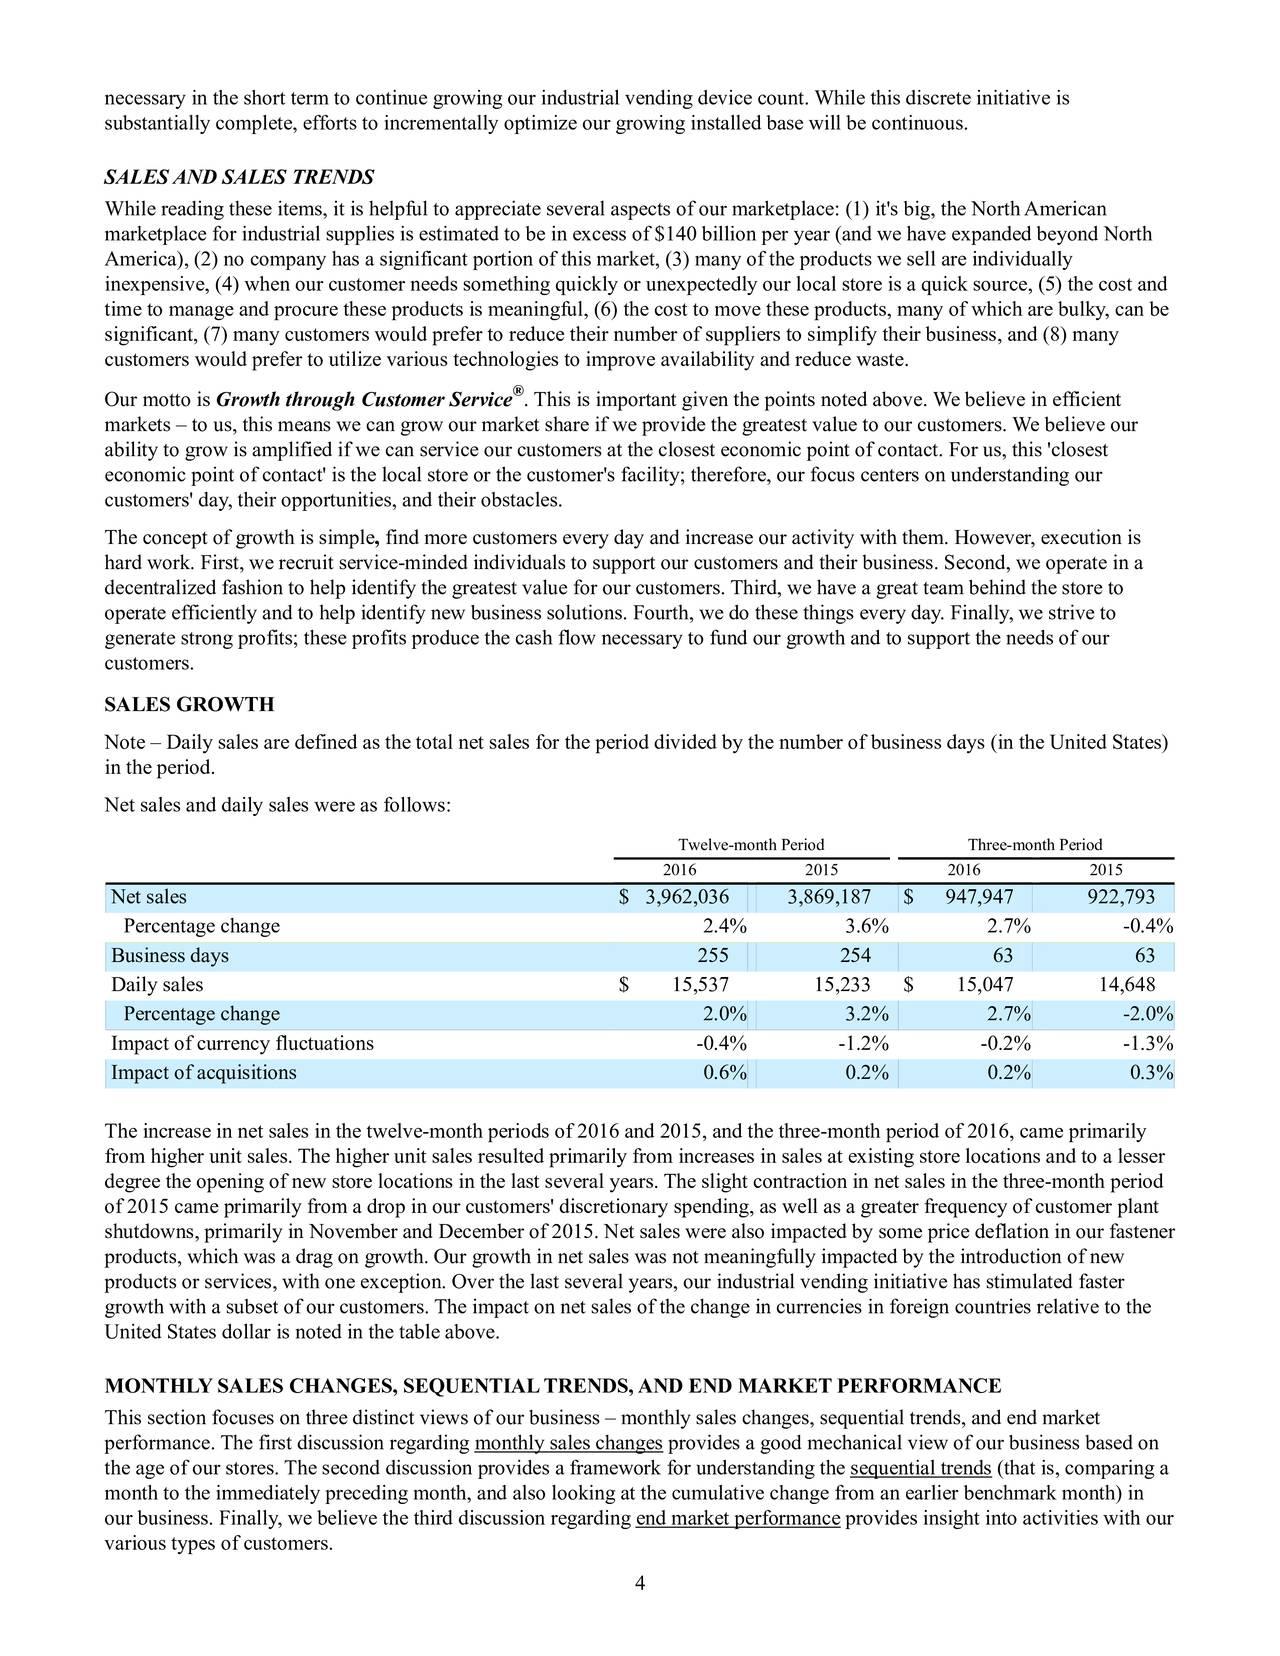 Fastenal Company 2016 Q4 - Results